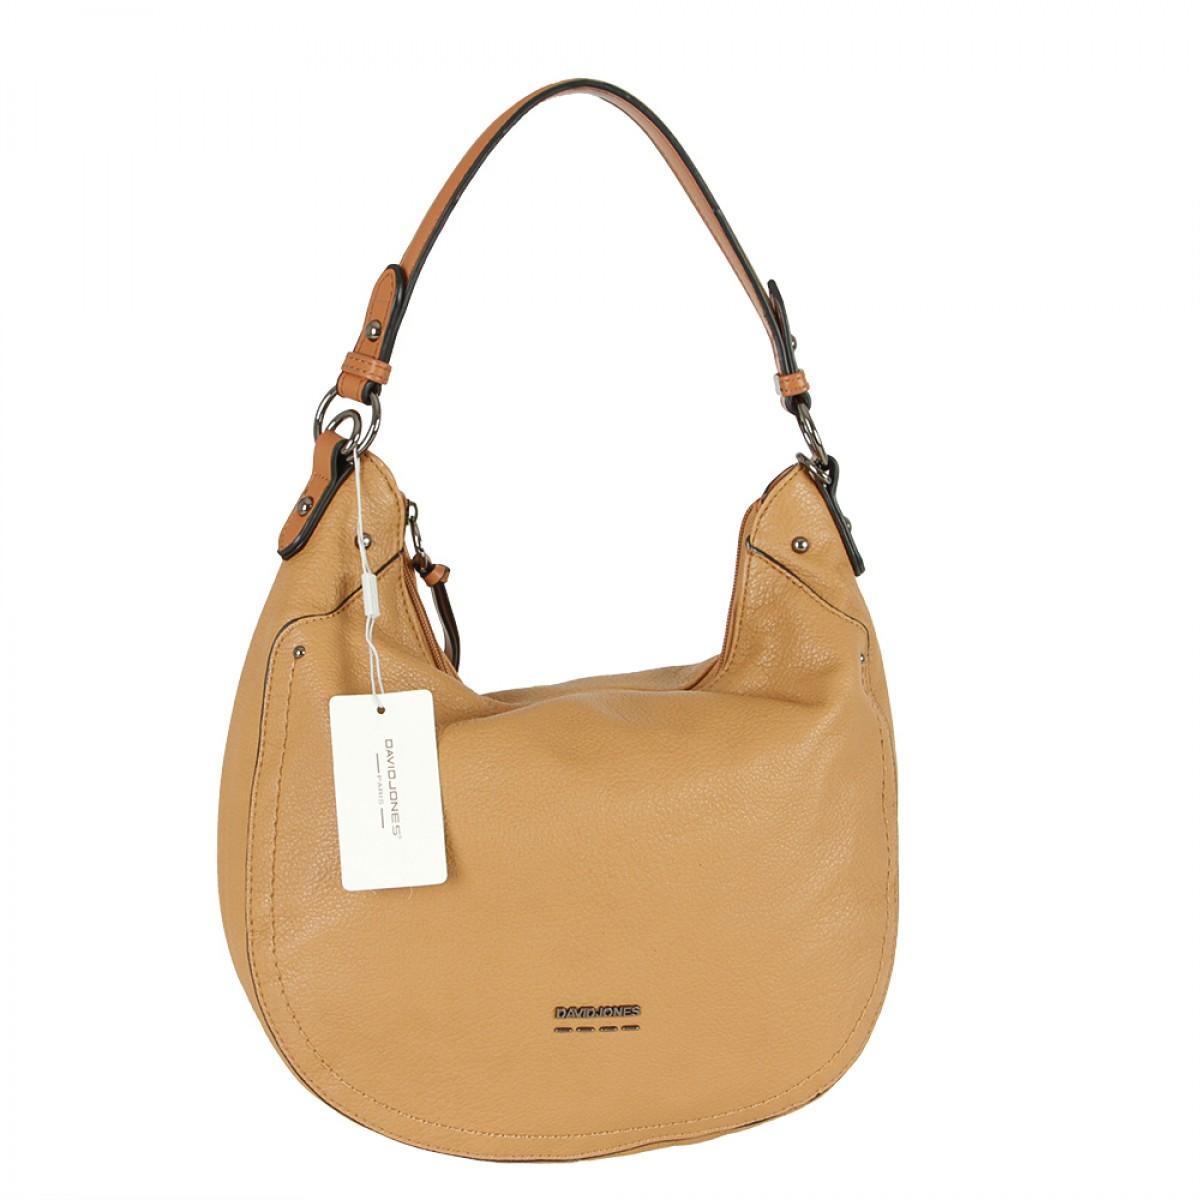 Жіноча сумка David Jones 6210-1 COGNAC